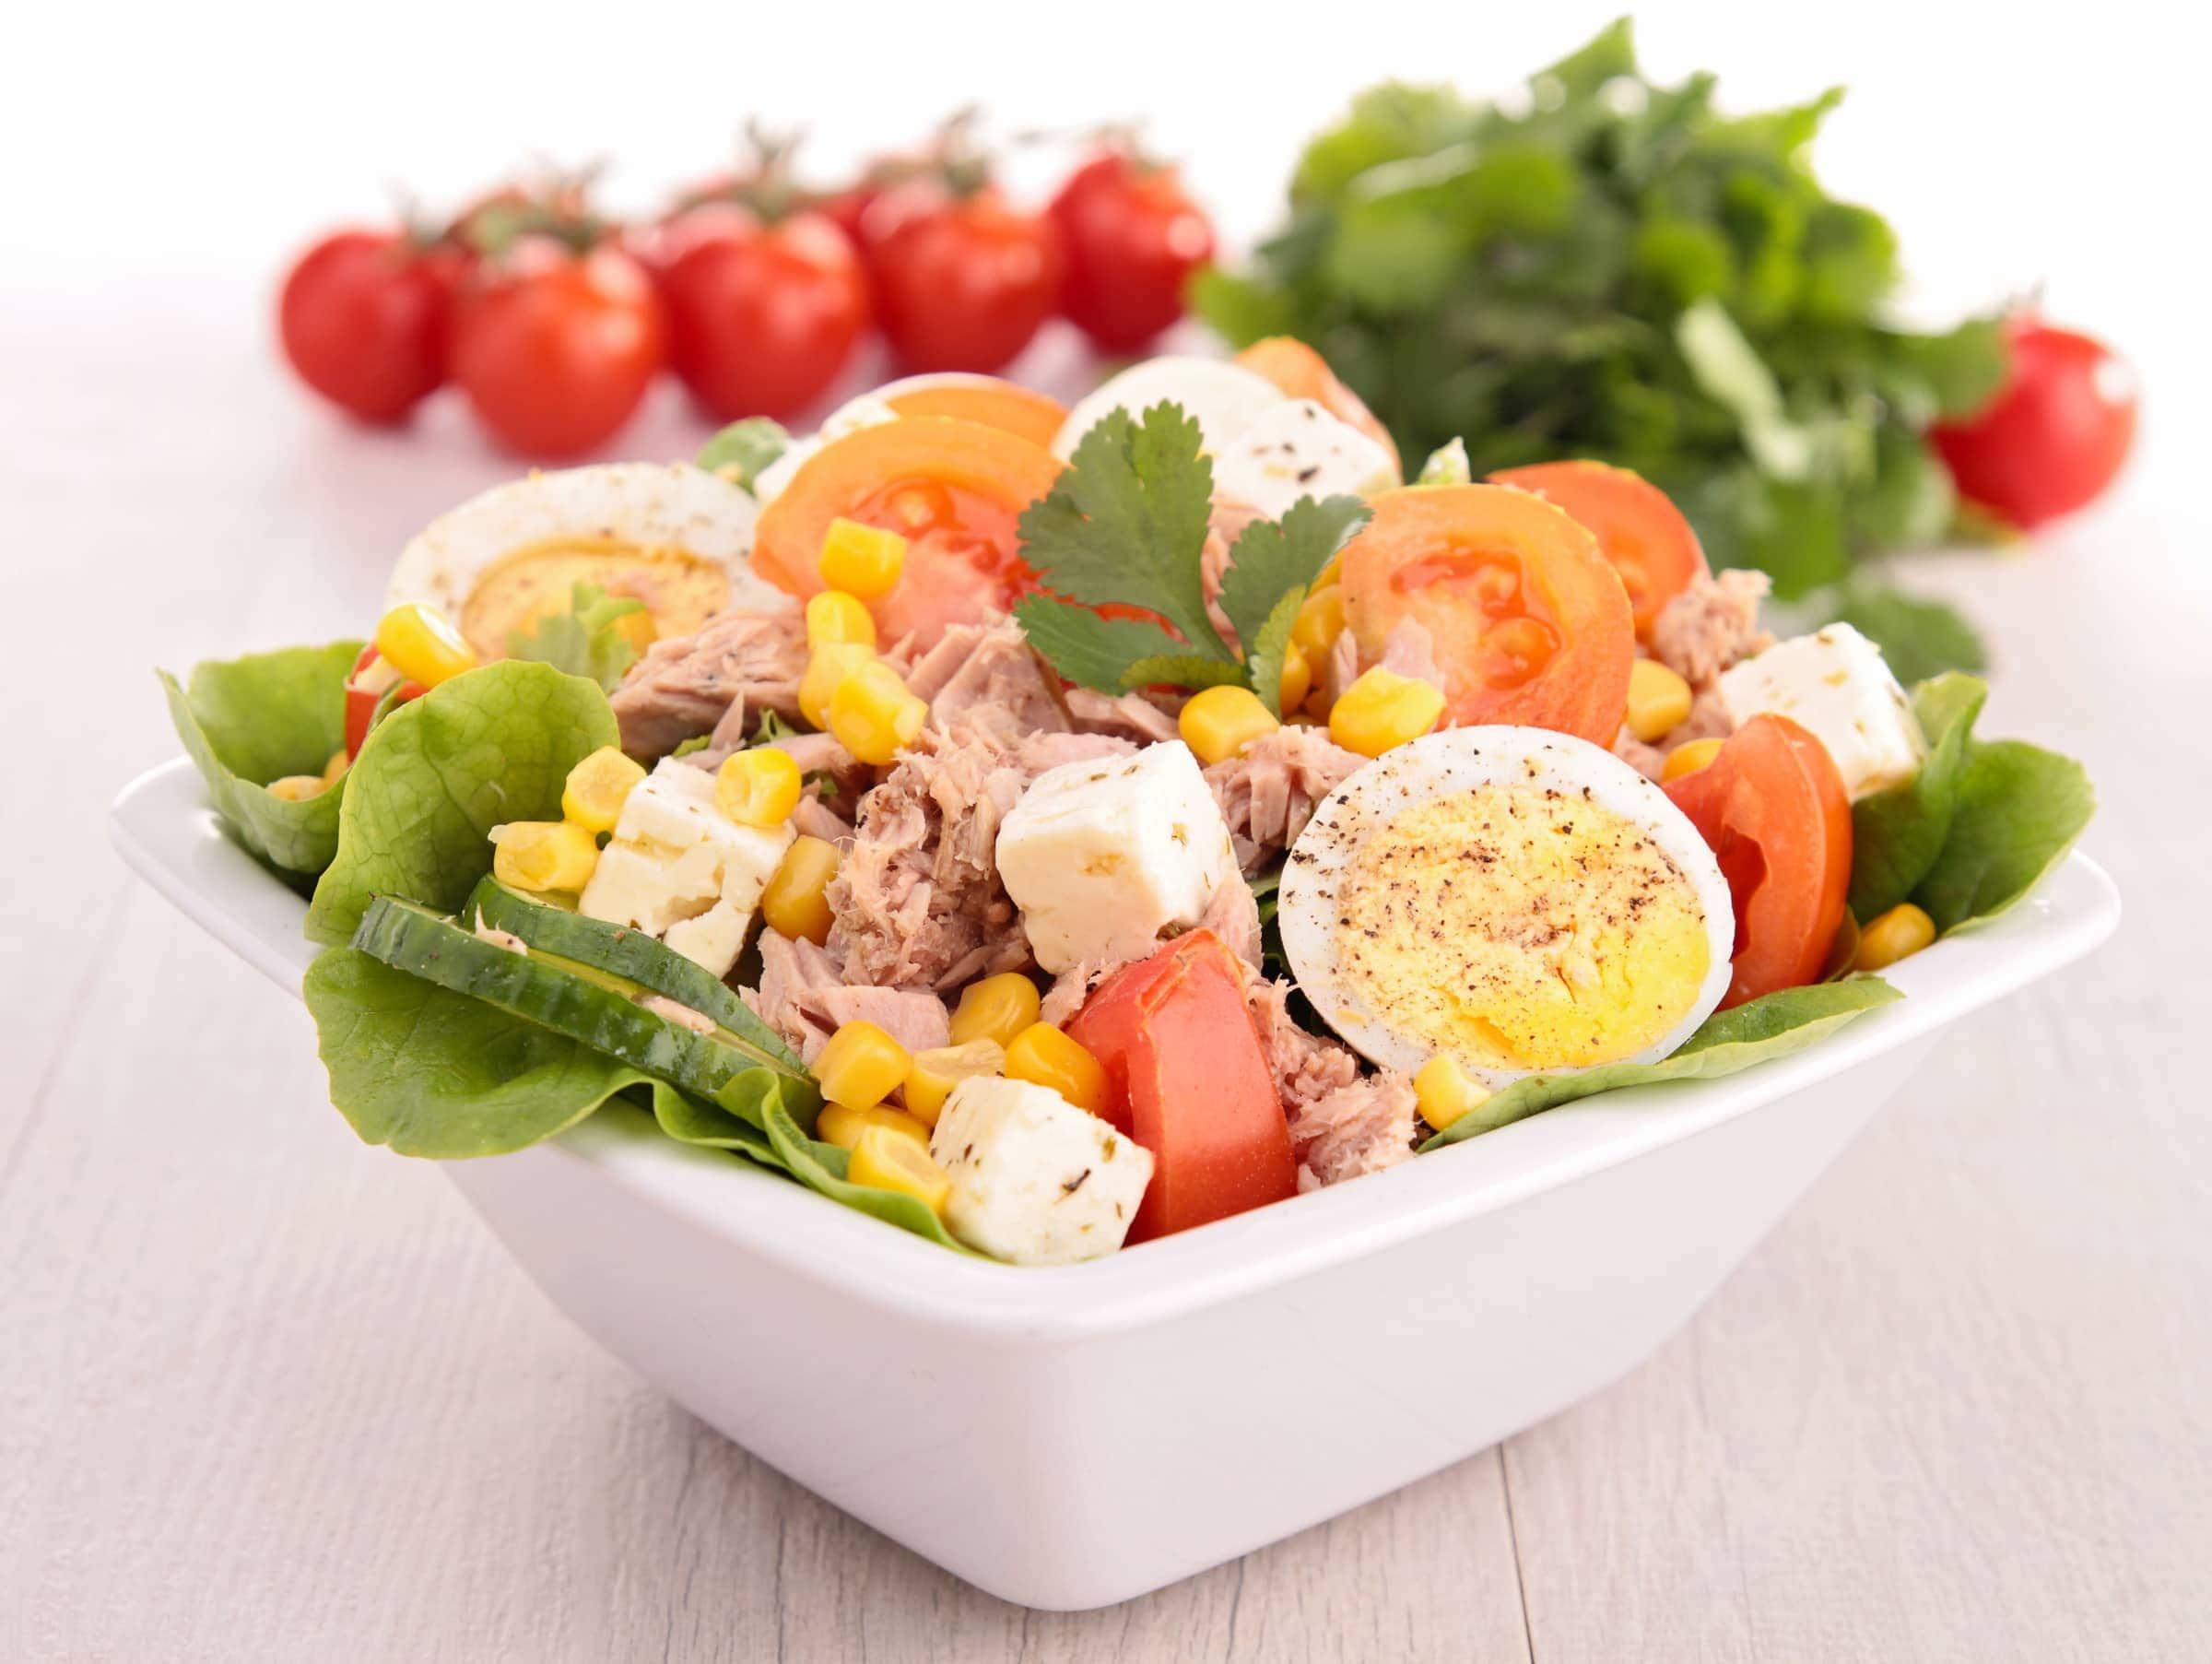 Ricetta Insalata con Tonno, Uova, Pomodoro e Mais